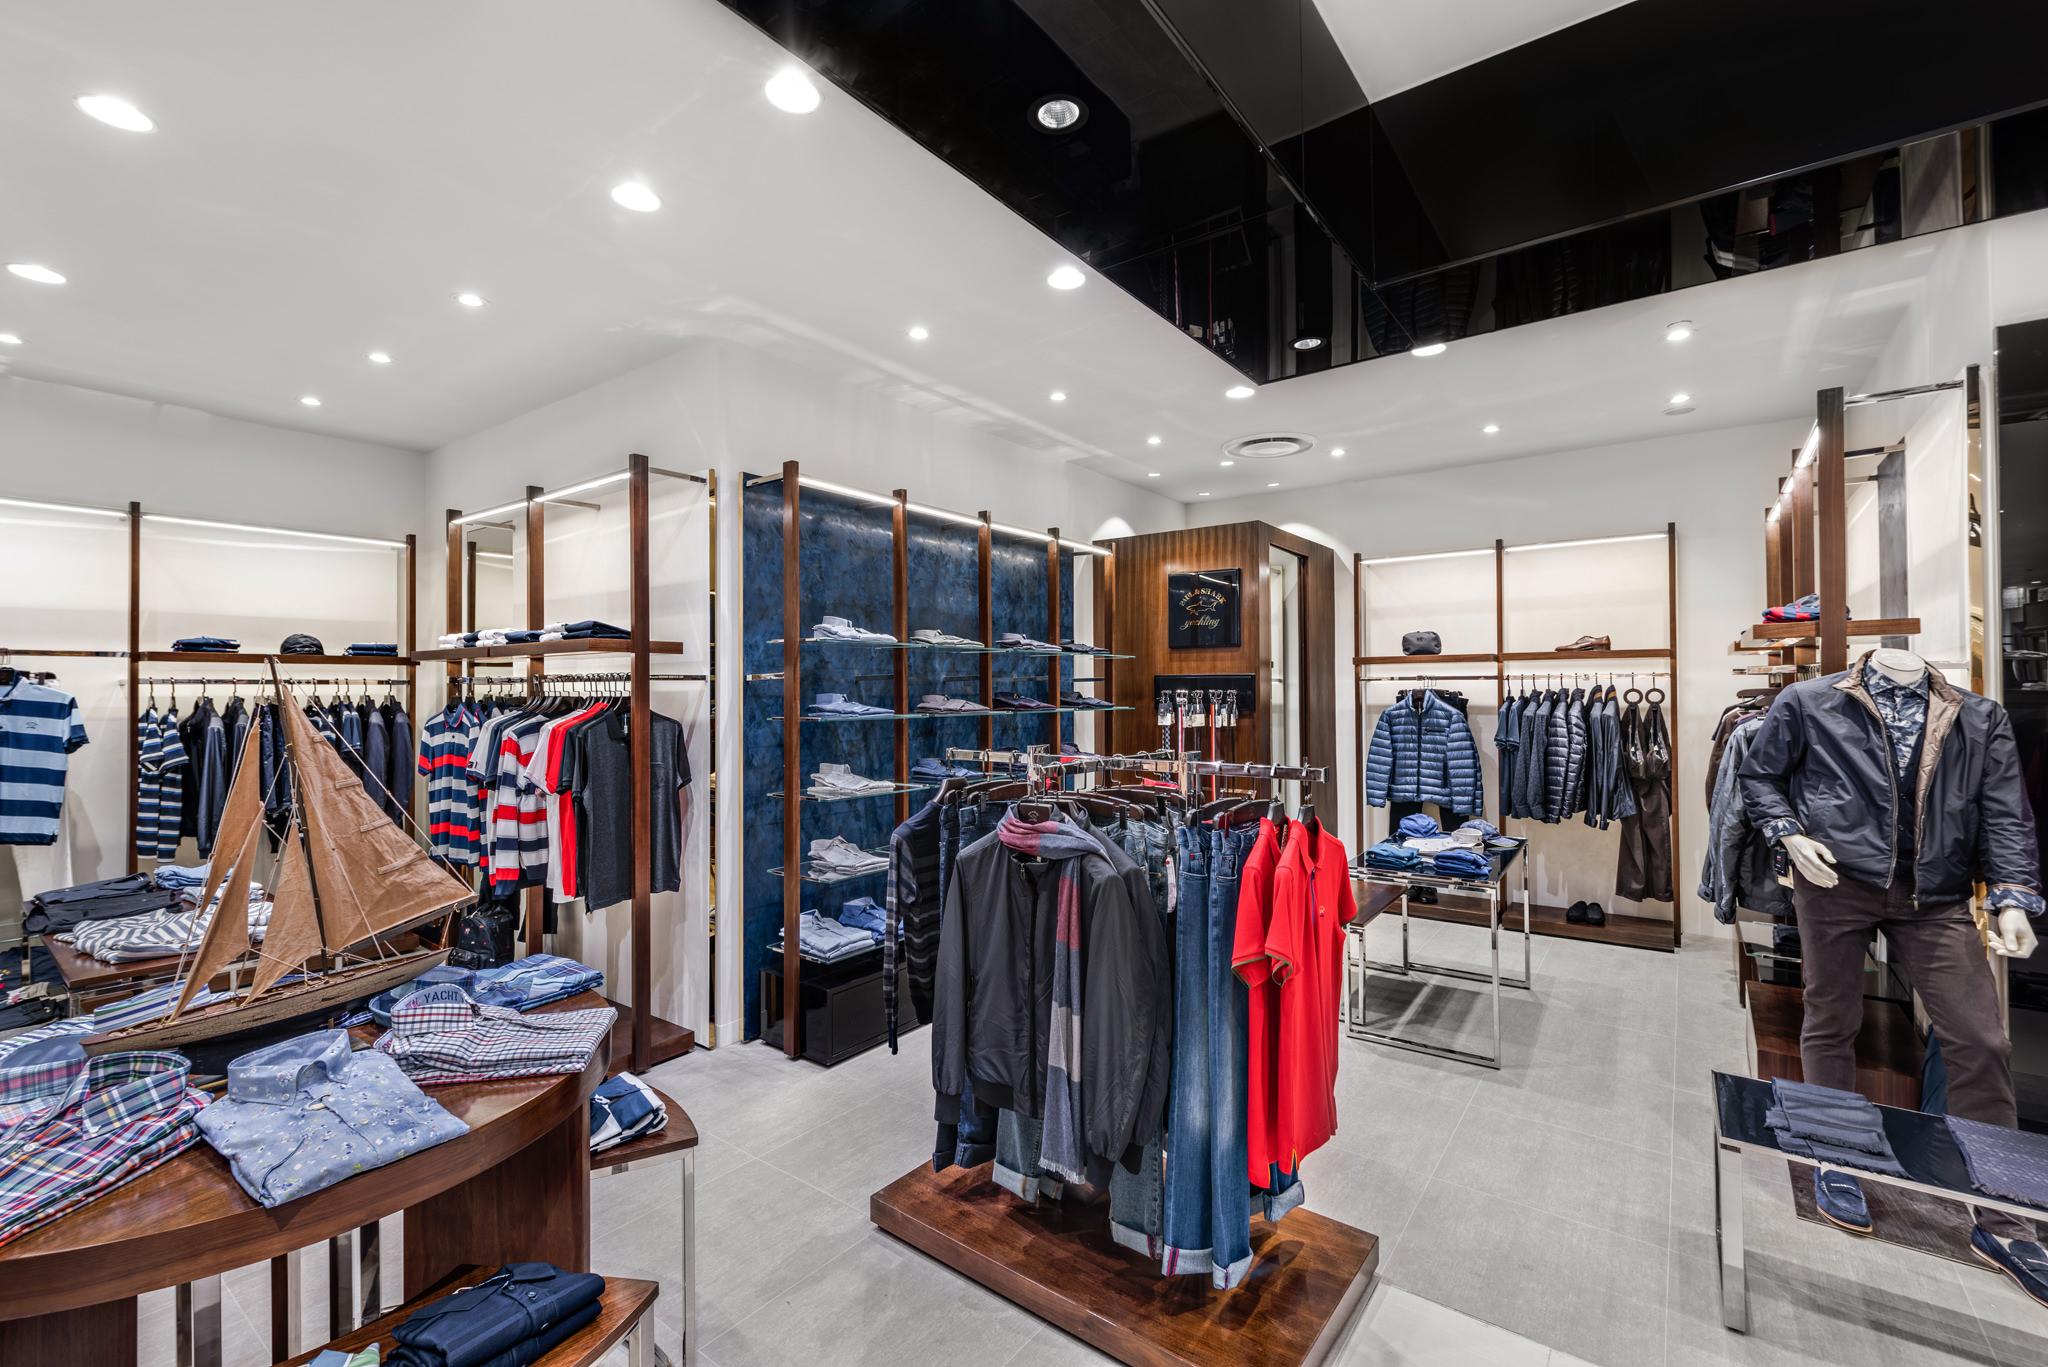 20160729 - Paul & Shark - HCM - Commercial - Interior - Store - Retouch 0005.jpg